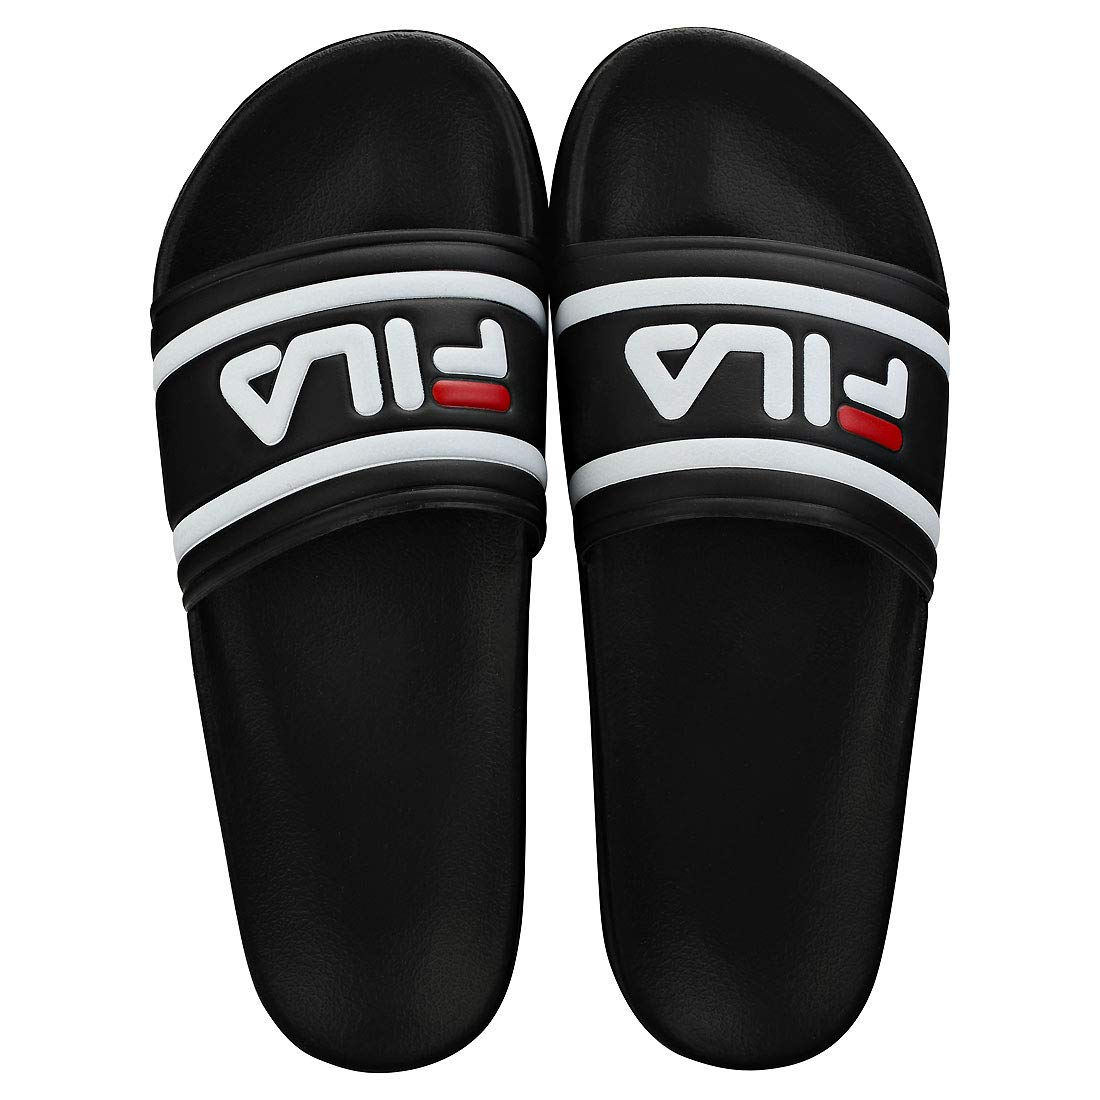 c86c74a4275ece Fila Men Sandals Palm Beach Black 46  Amazon.co.uk  Shoes   Bags